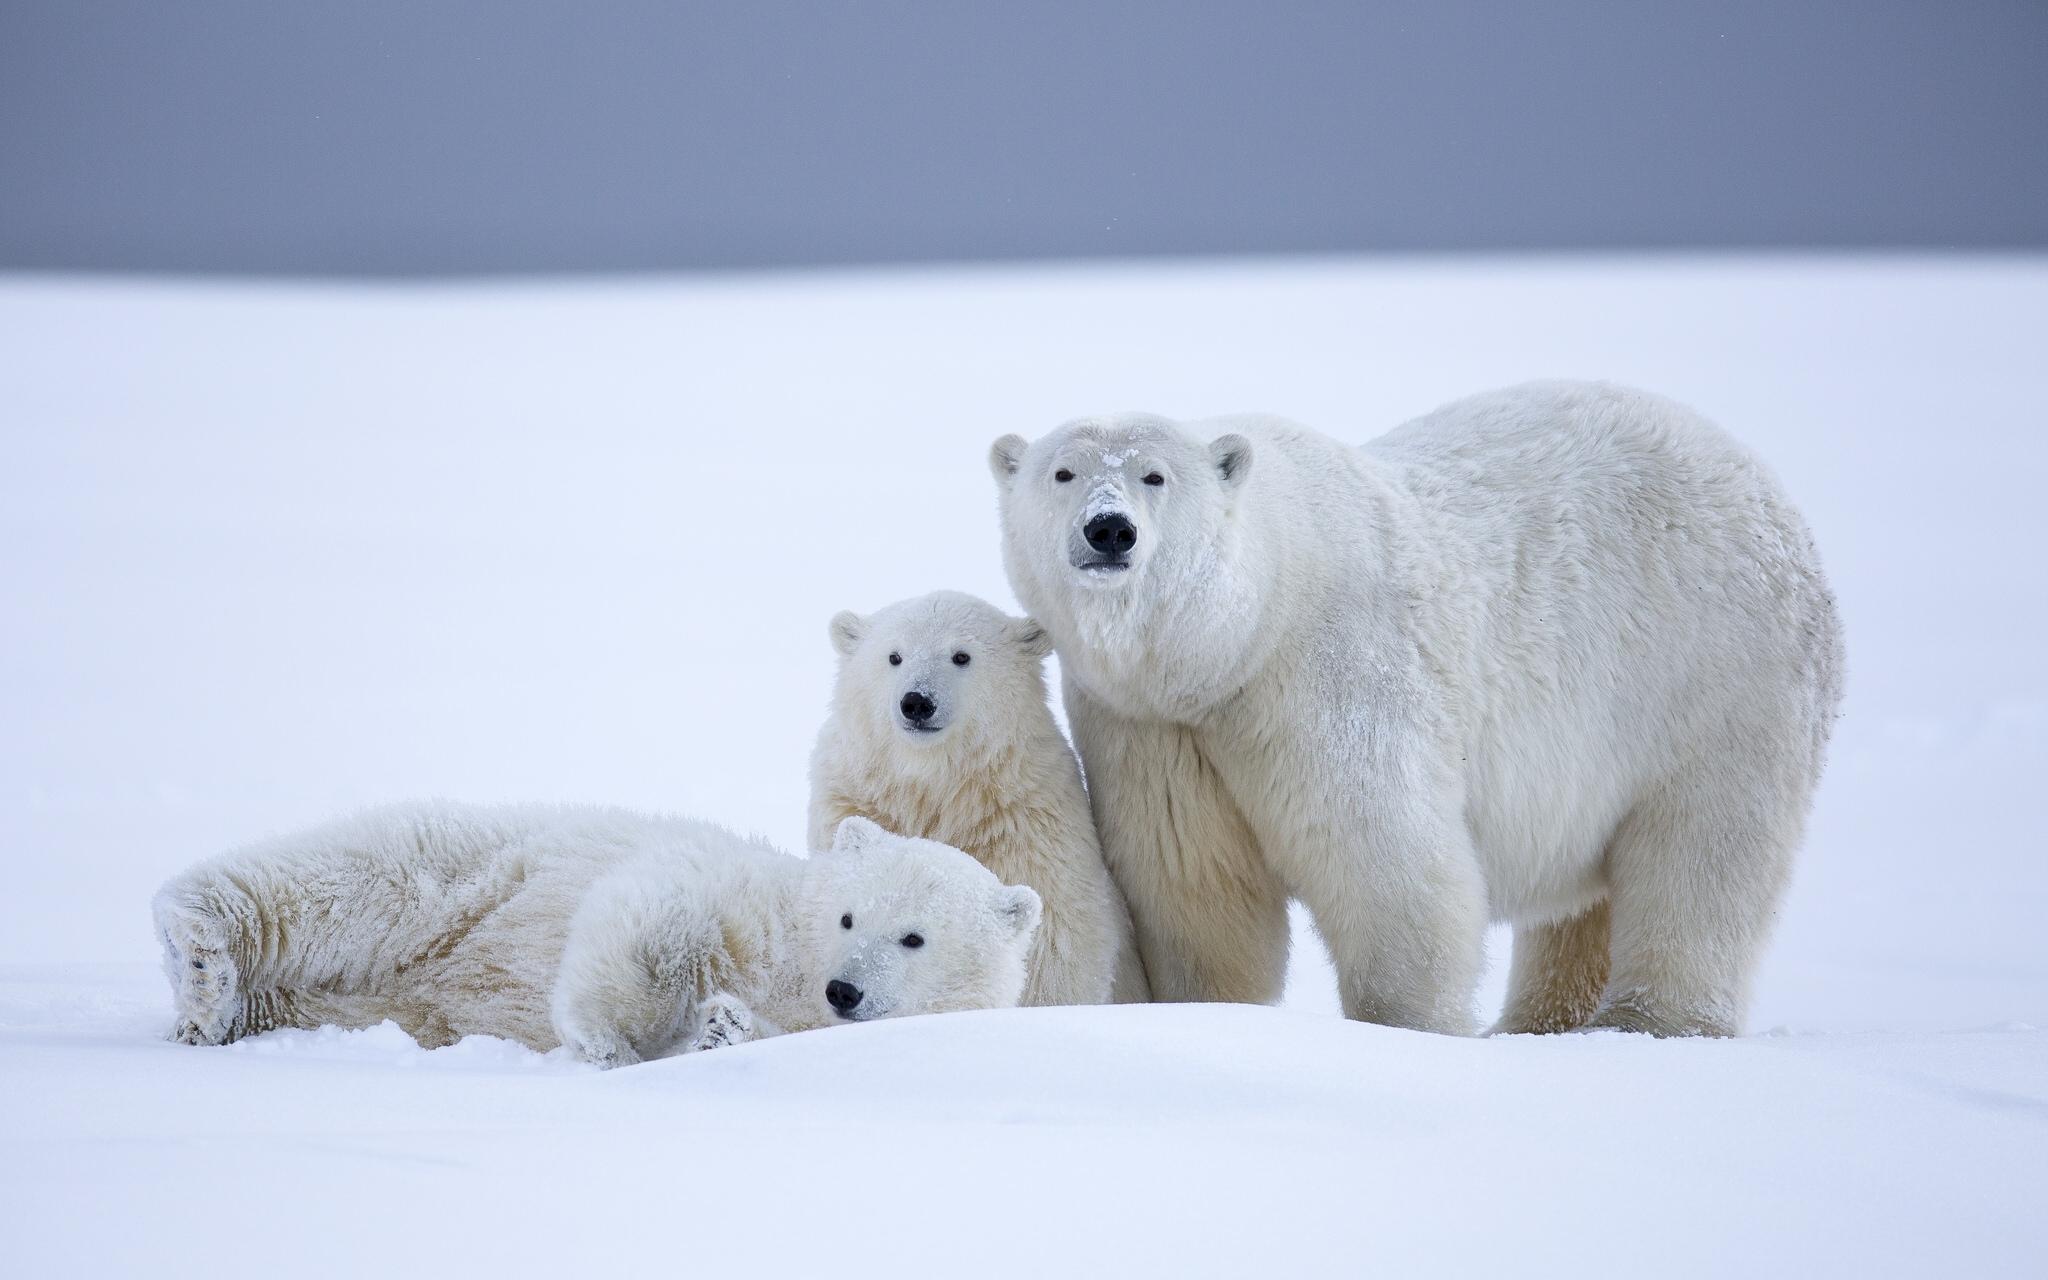 Картинка с белым медведем и медвежонком, смешные поздравительные